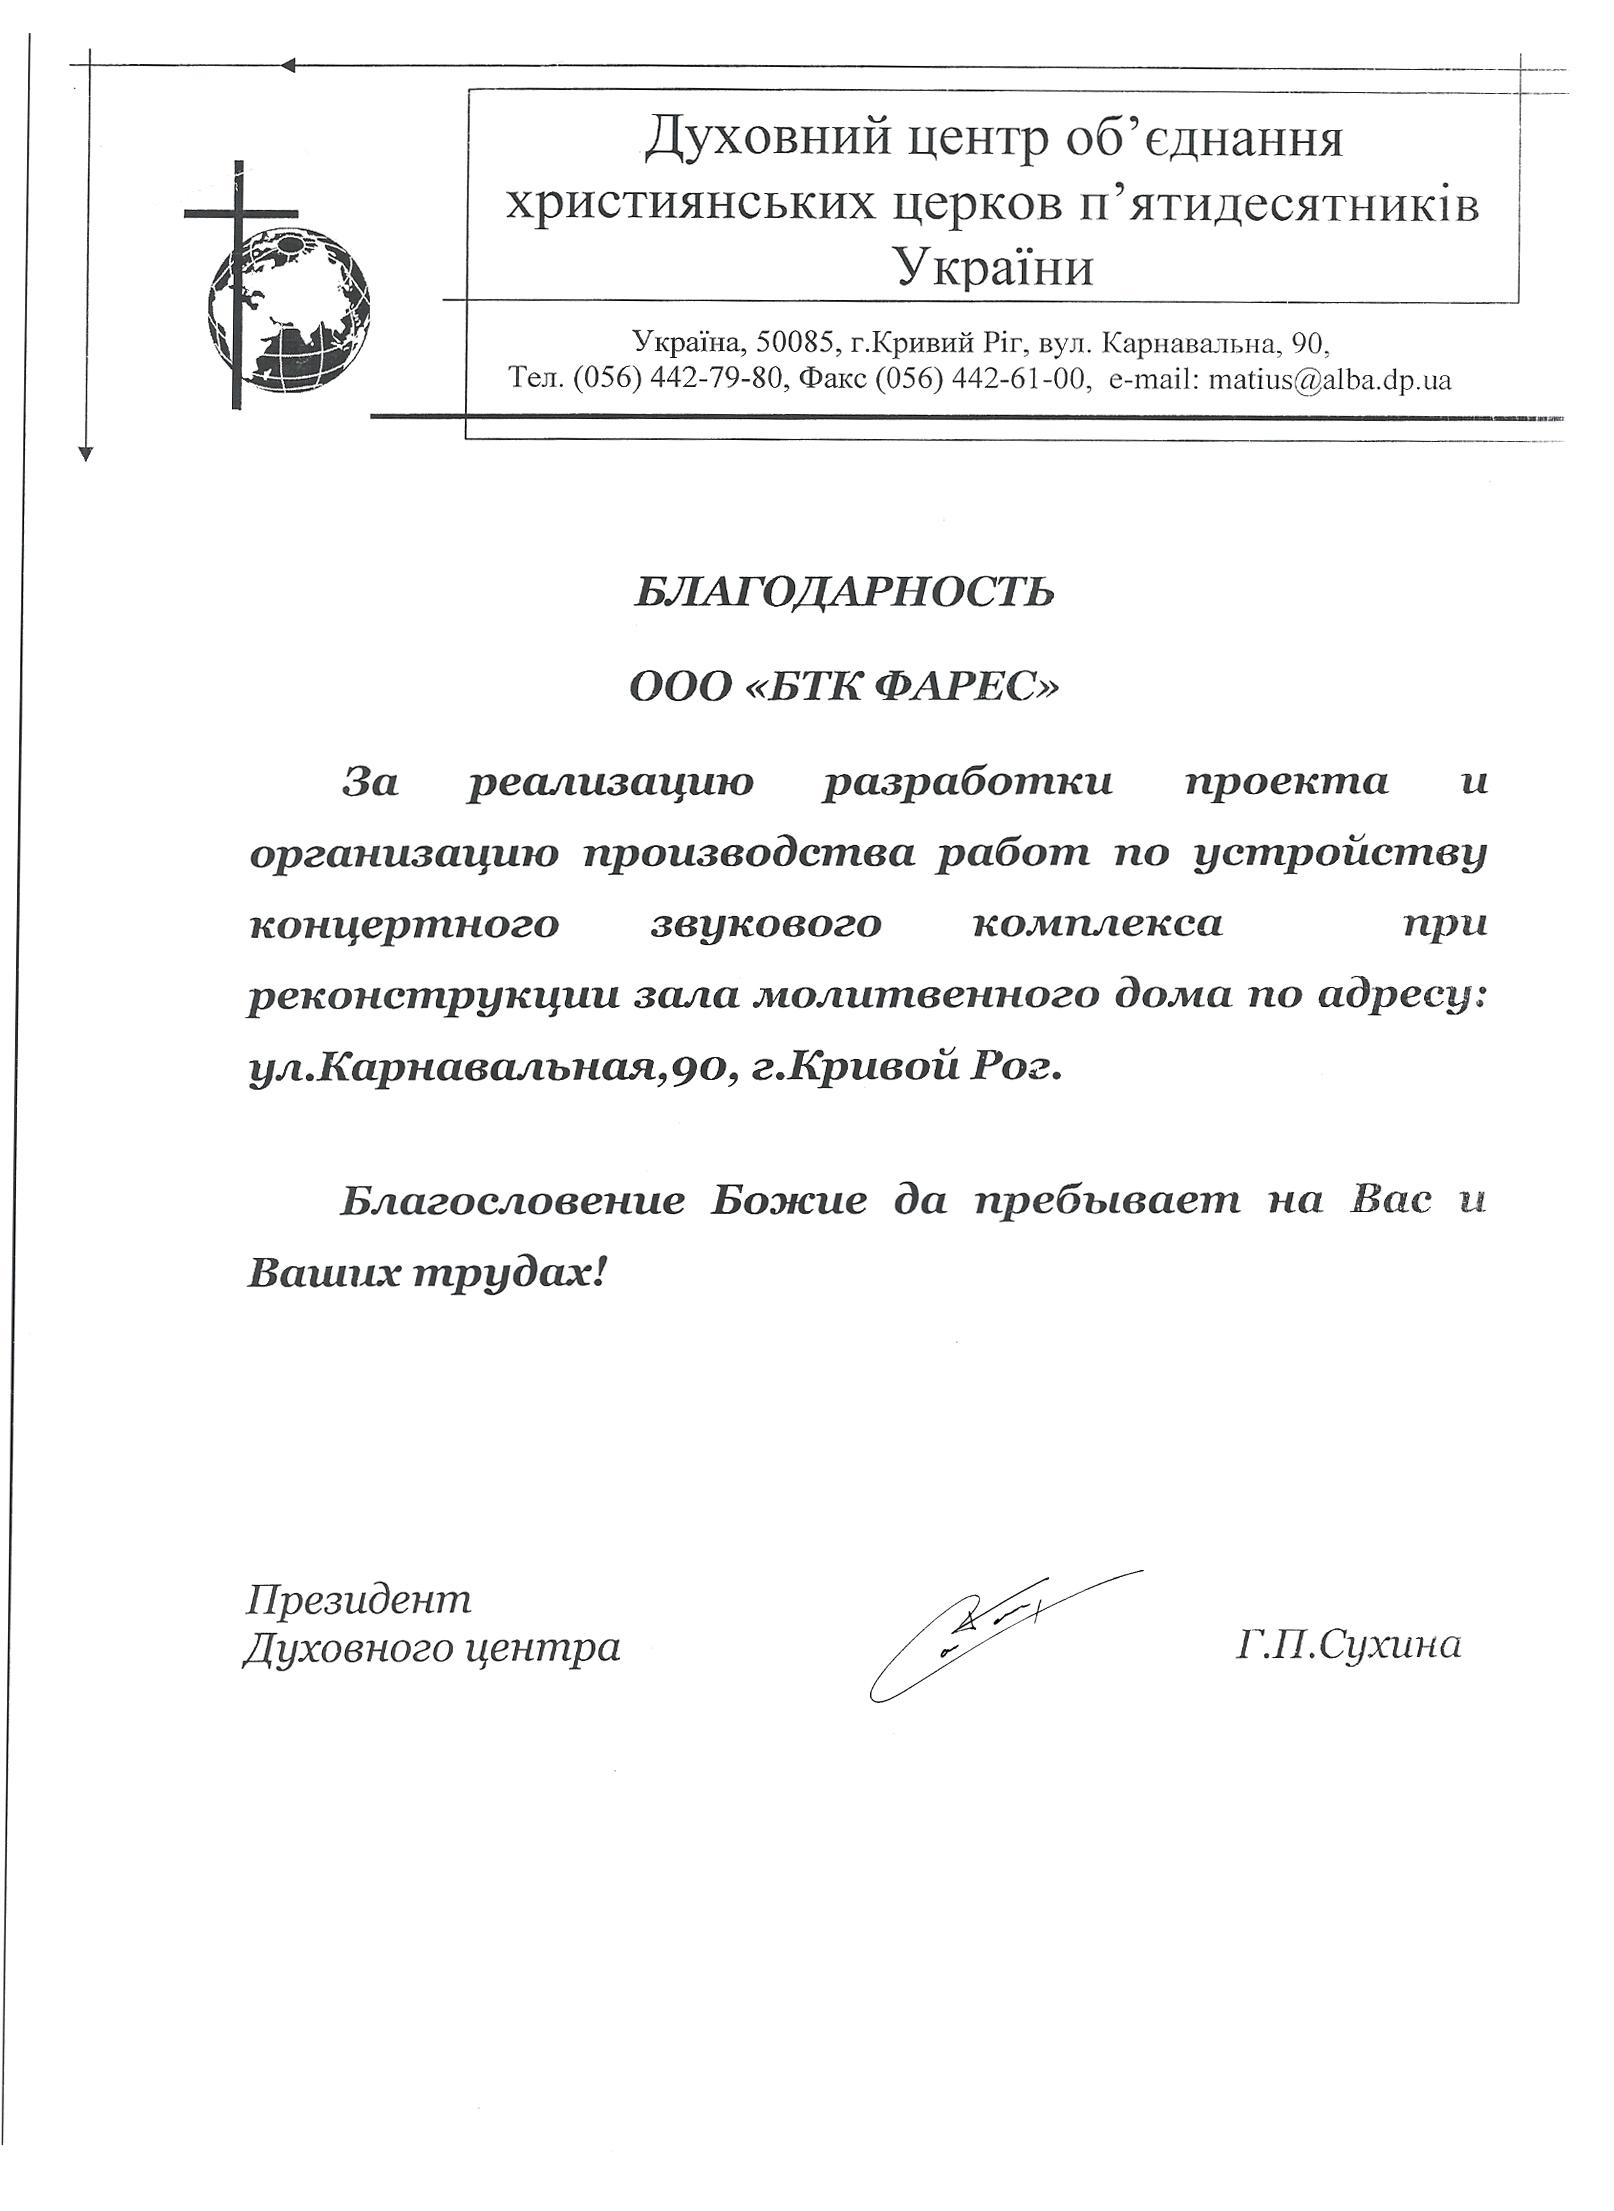 """Благодарность ООО """"БТК Фарес"""""""